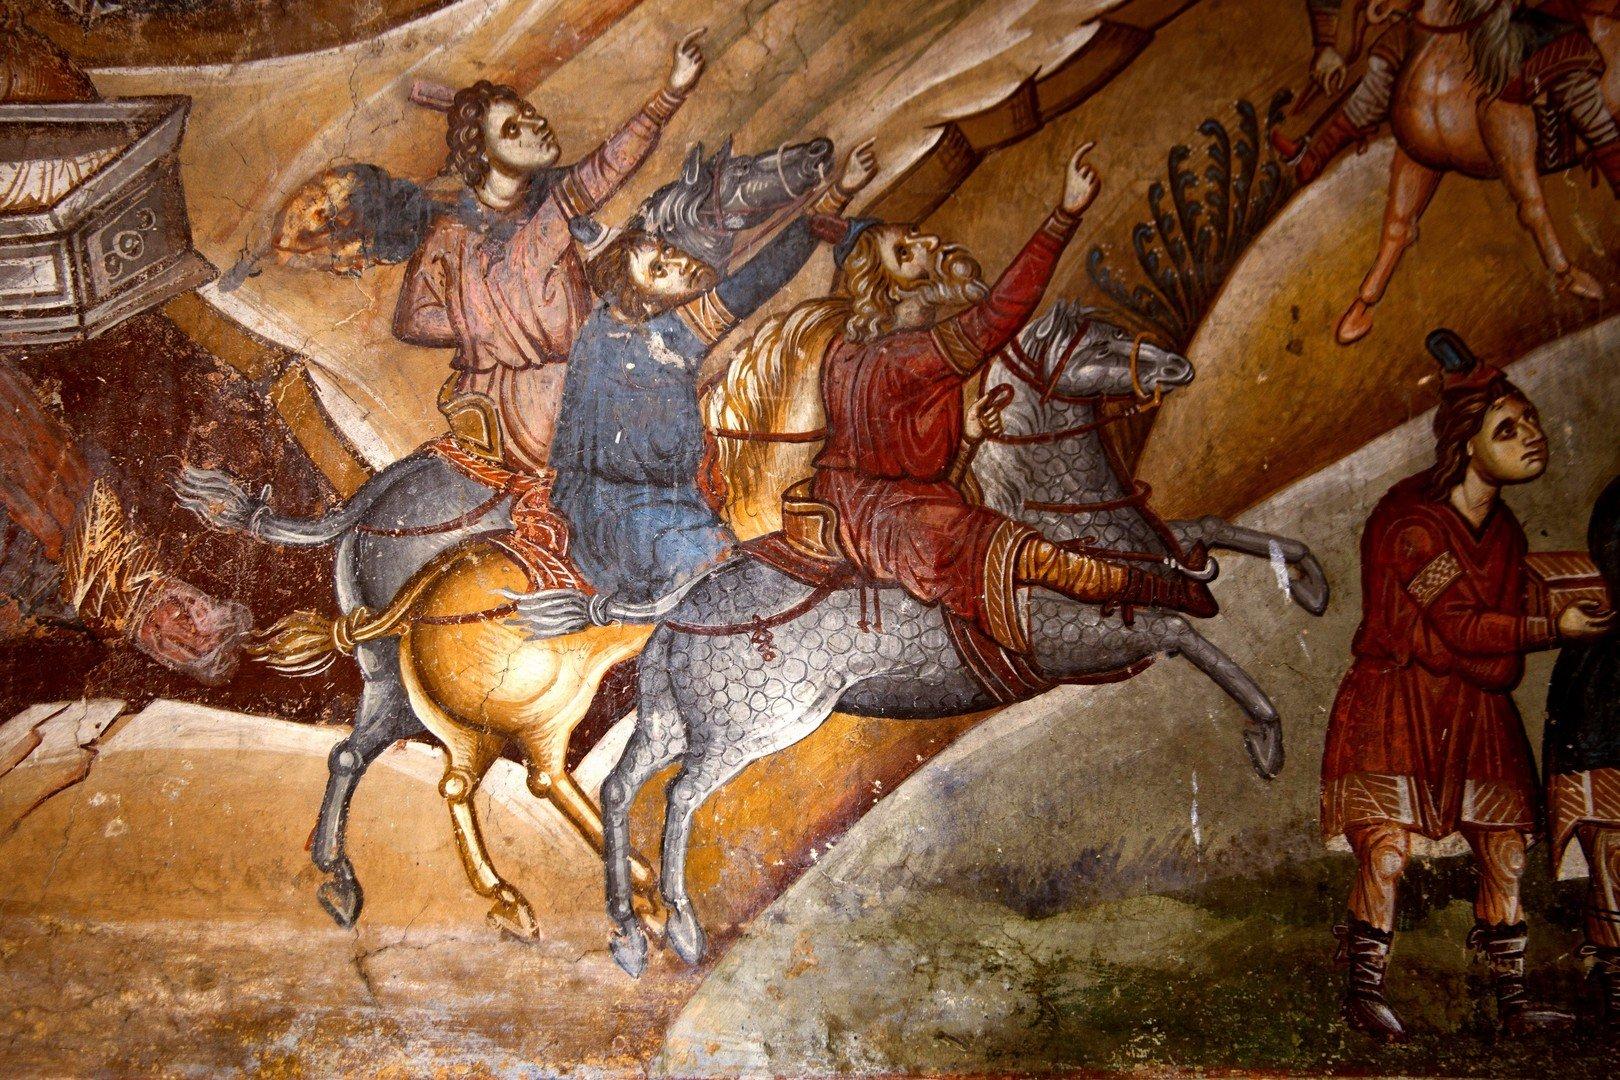 Фрагмент цикла иллюстраций к Акафисту ко Пресвятой Богородице. Фреска церкви Св. Димитрия в Марковом монастыре близ Скопье, Македония. Около 1376 года.